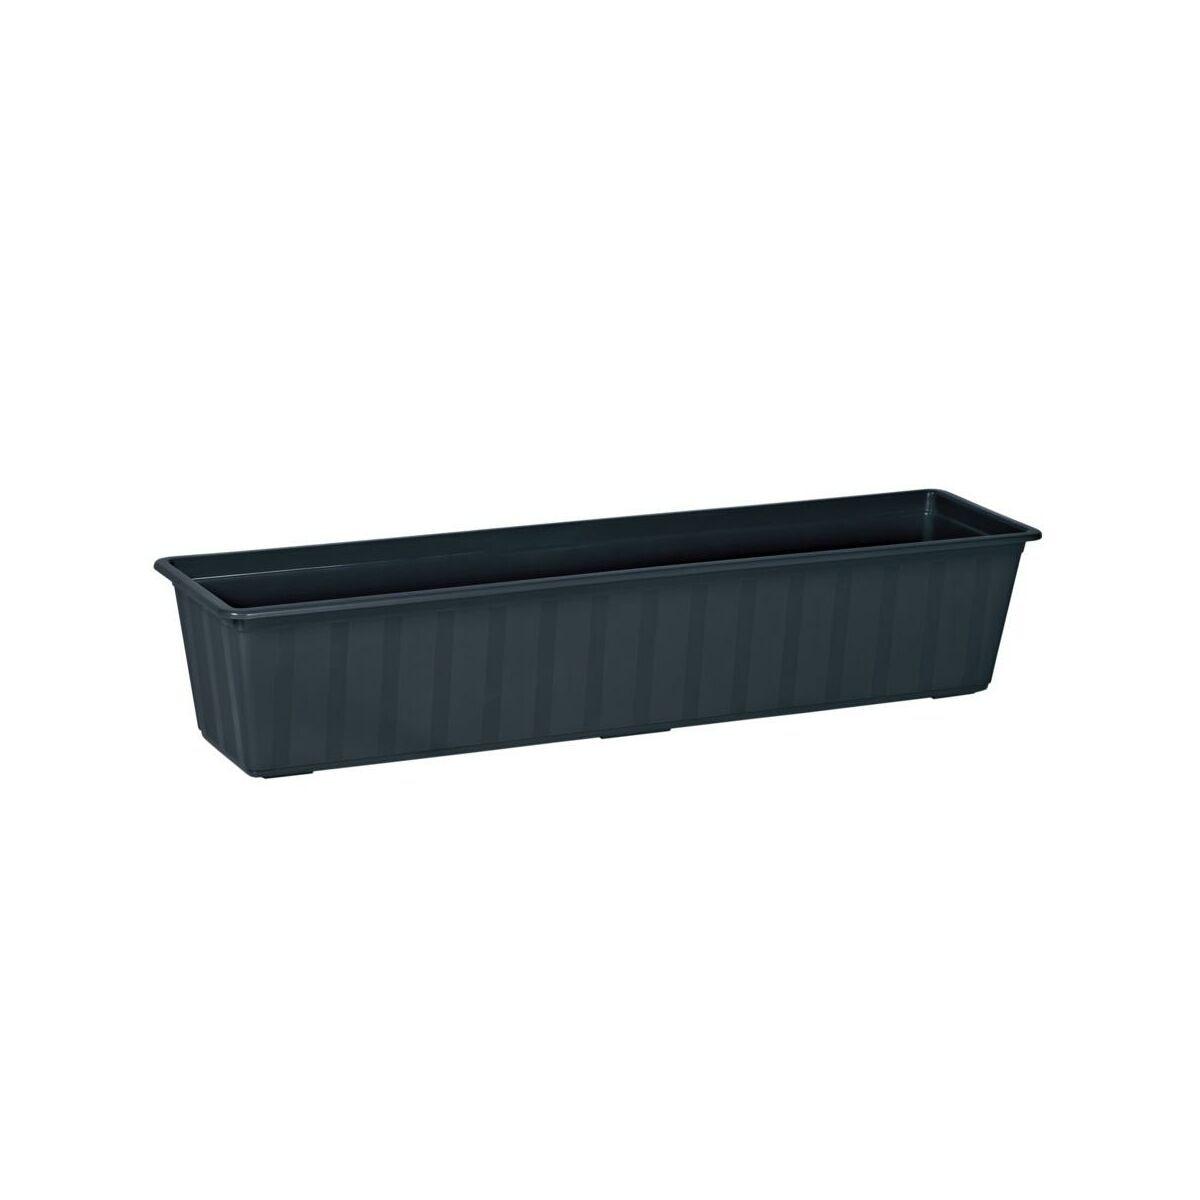 Skrzynka Balkonowa 80 X 18 Cm Plastikowa Antracytowa Agro Is800 S433 Prosperplast